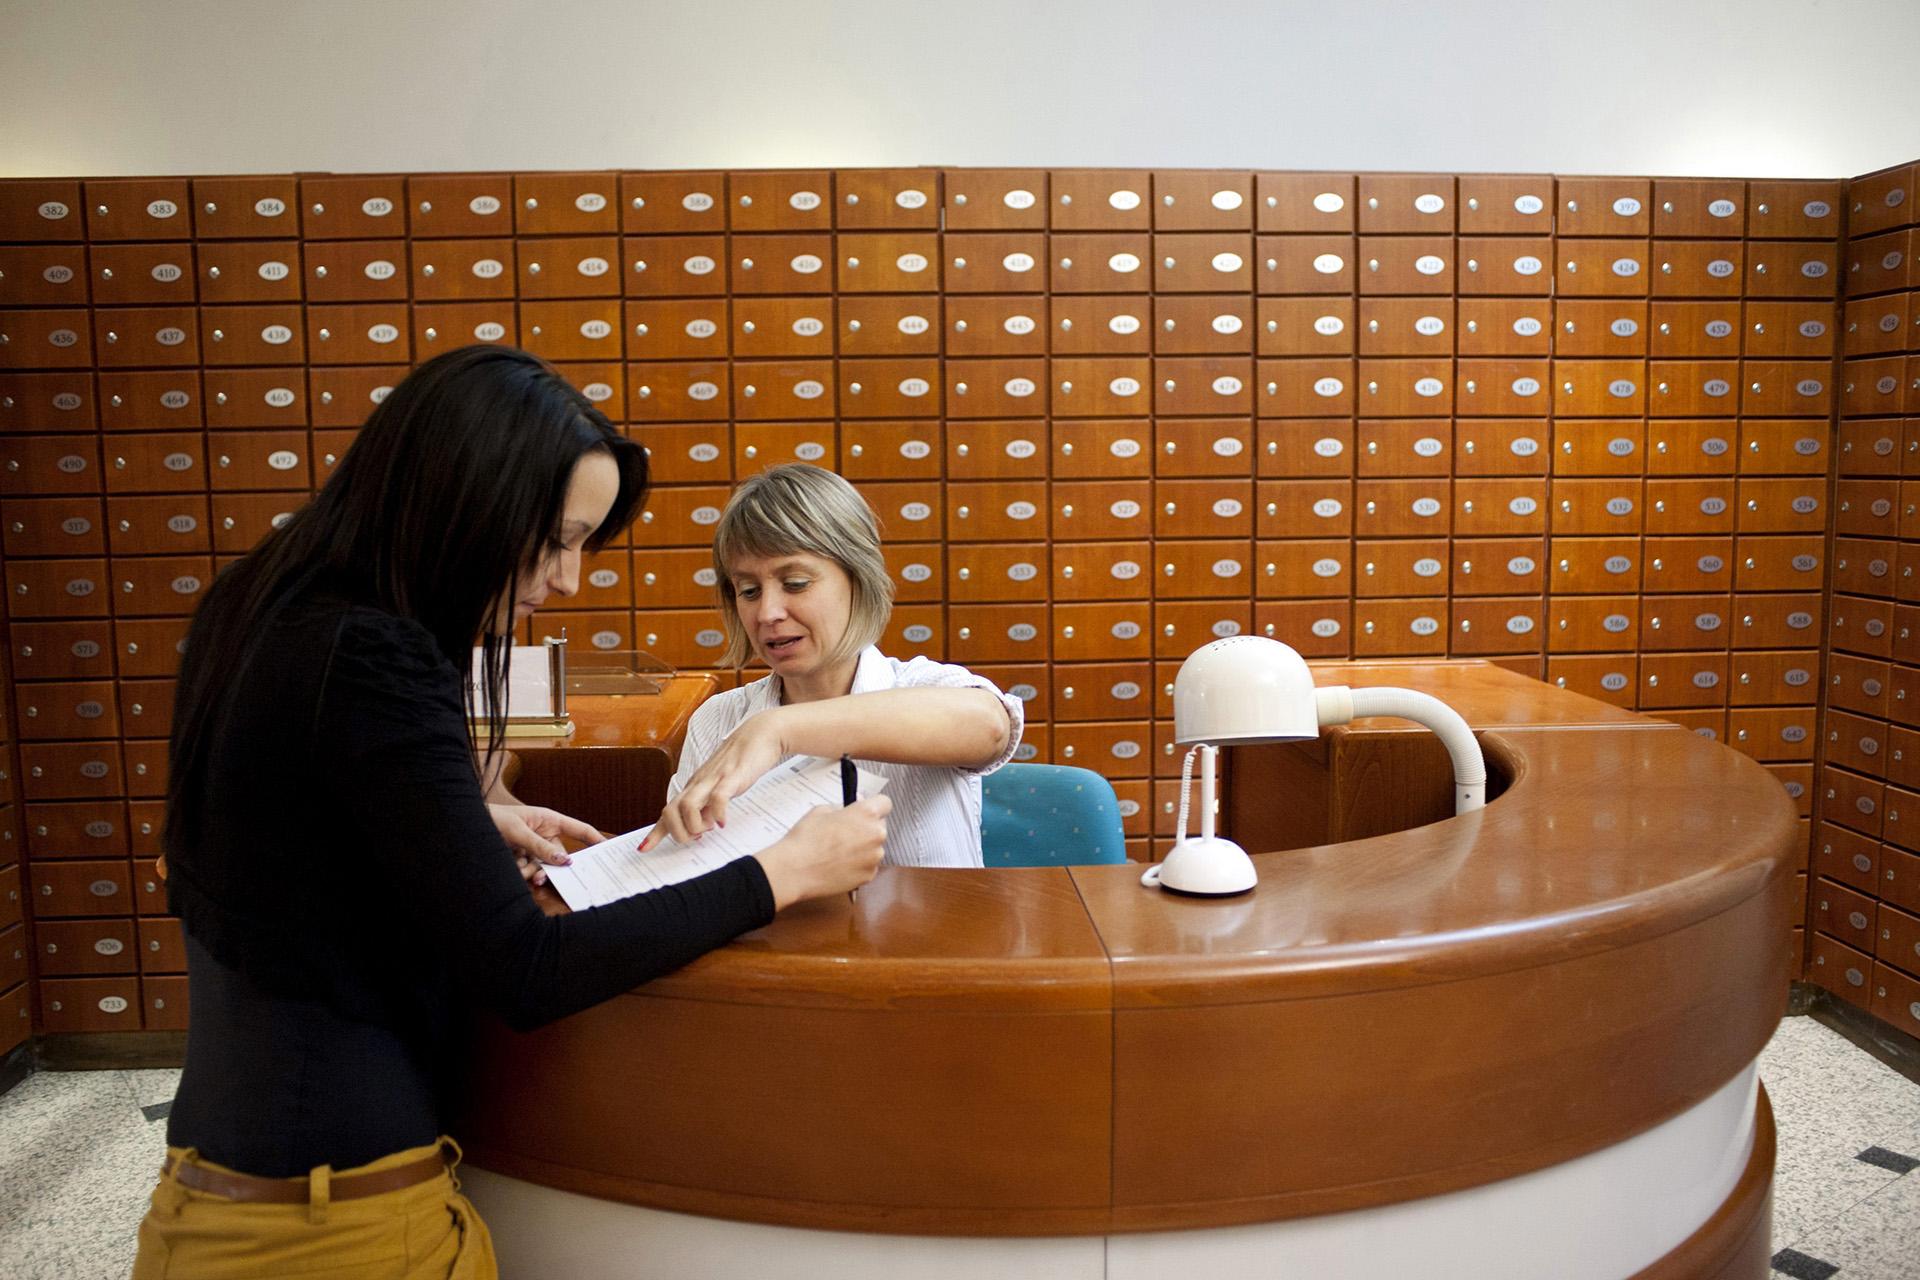 Egy banki ügyintéző beszélget az egyik ügyféllel az MKB Bank Váci utcai fiókjában a trezoroknál.